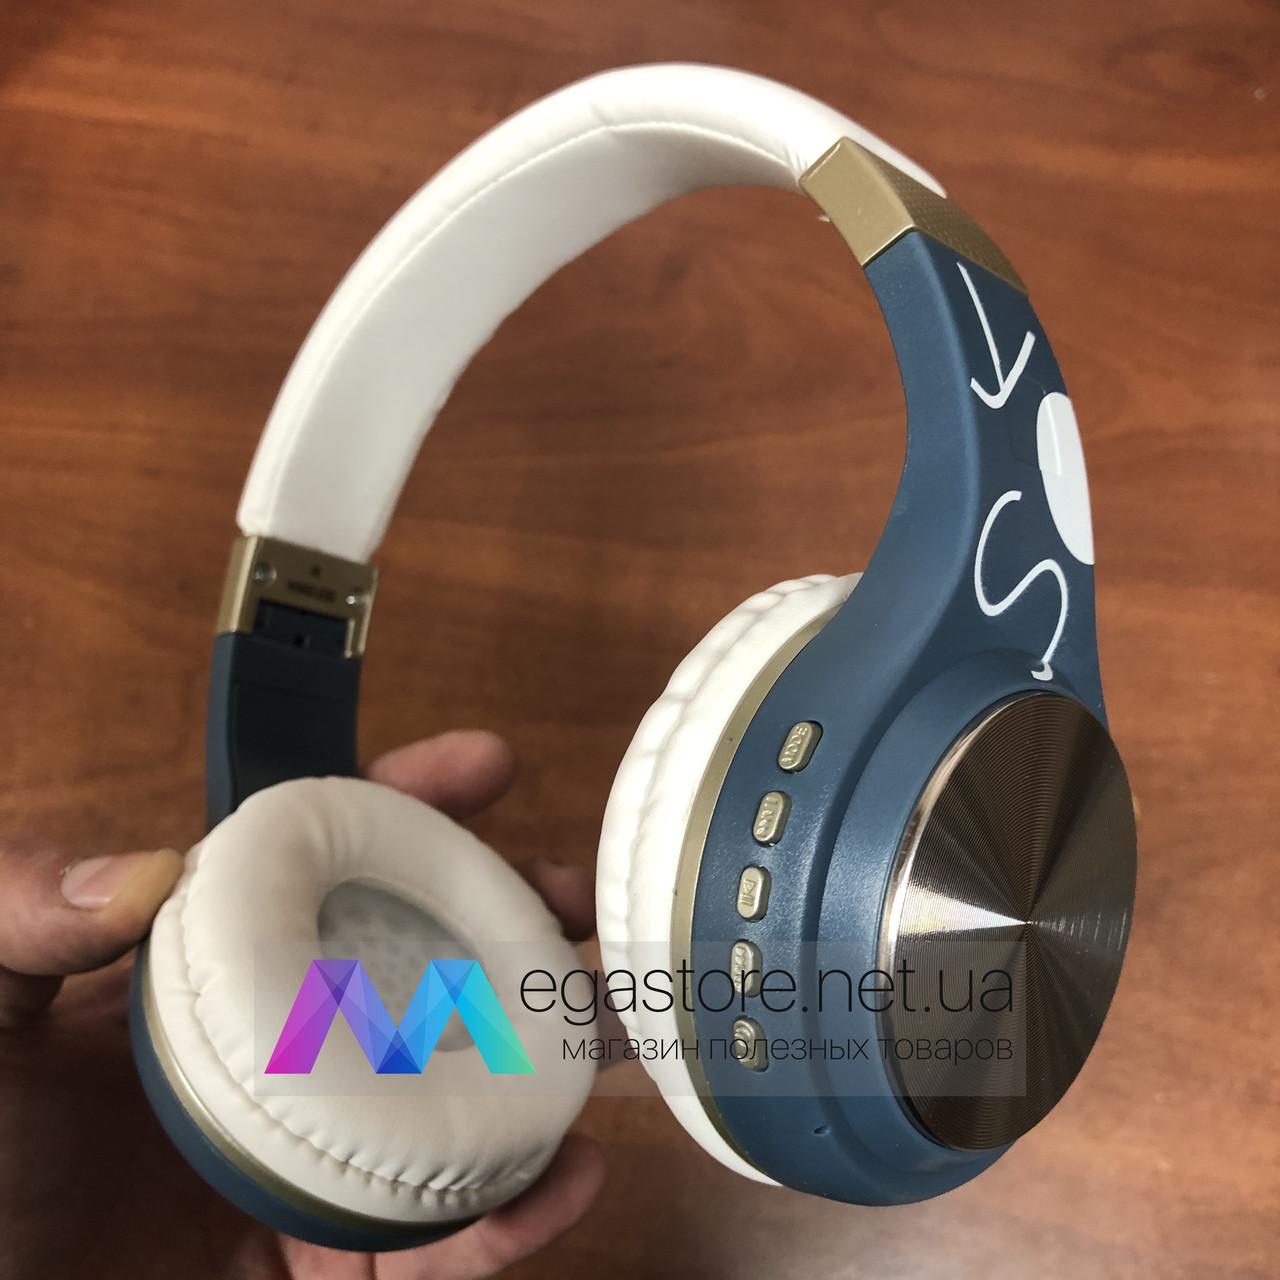 Беспроводные накладные Bluetooth наушники SY-BT1607 Wireless headphones блютуз синие